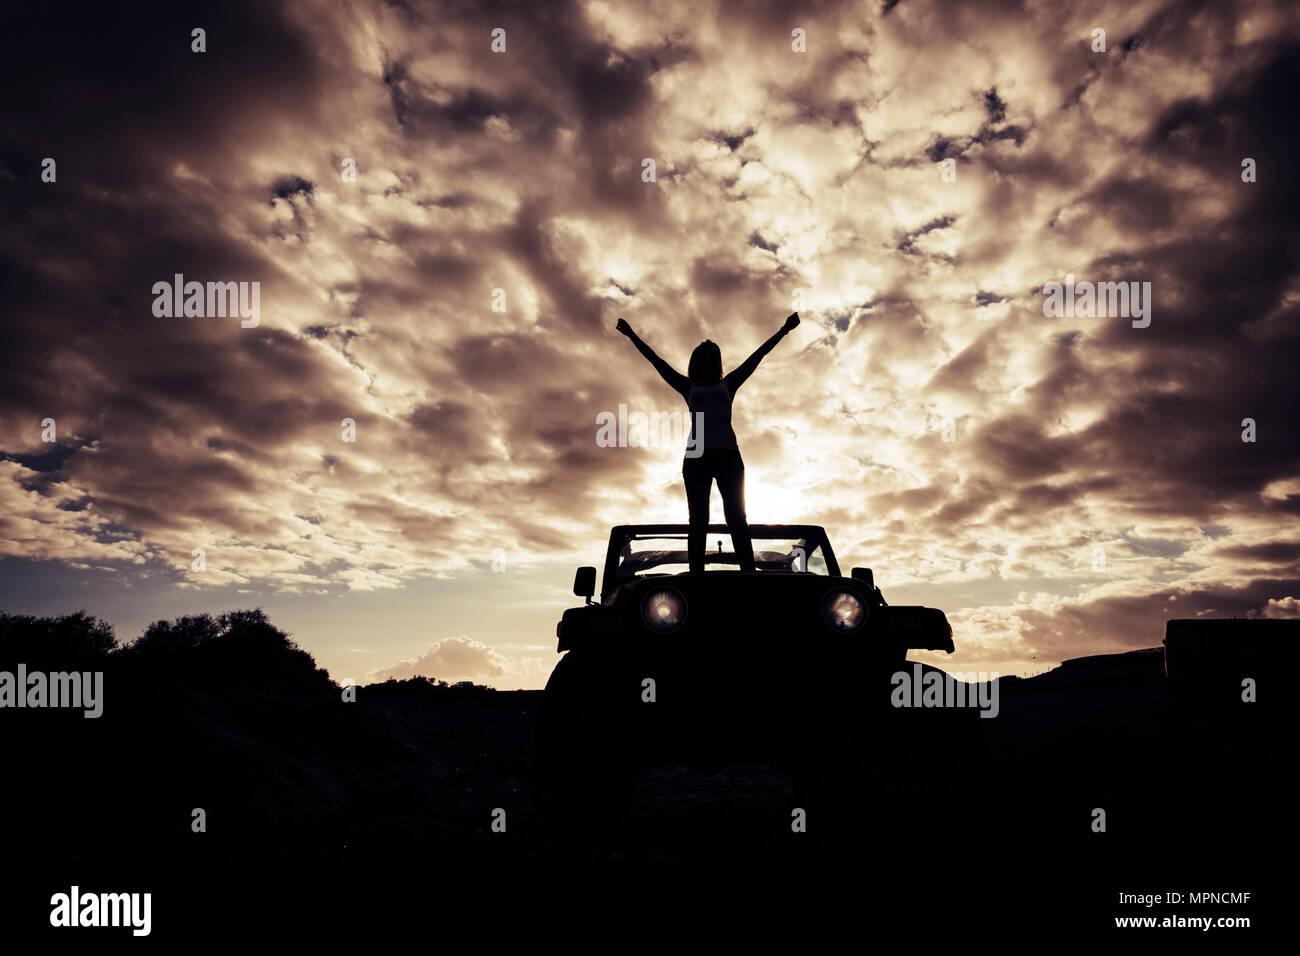 Toller Sonnenuntergang Landschaft und Freiheit alternative lifestyle Konzept. Fernweh und die Welt mit Mädchen entdecken. das Leben genießen Stockbild